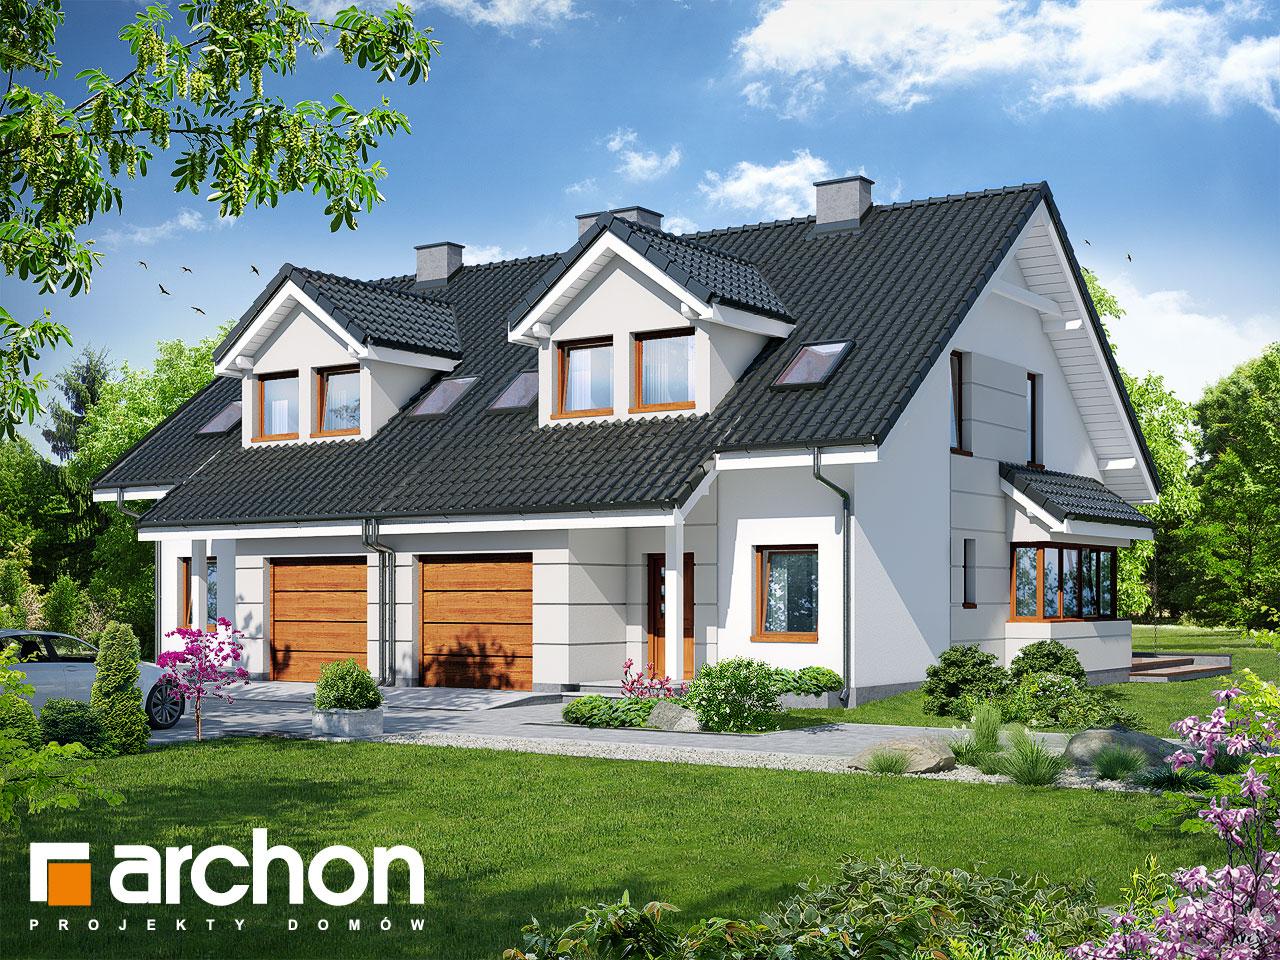 Проект будинку ARCHON+ Будинок в клематисах 7 (Б) вер.3 візуалізація усіх сегментів